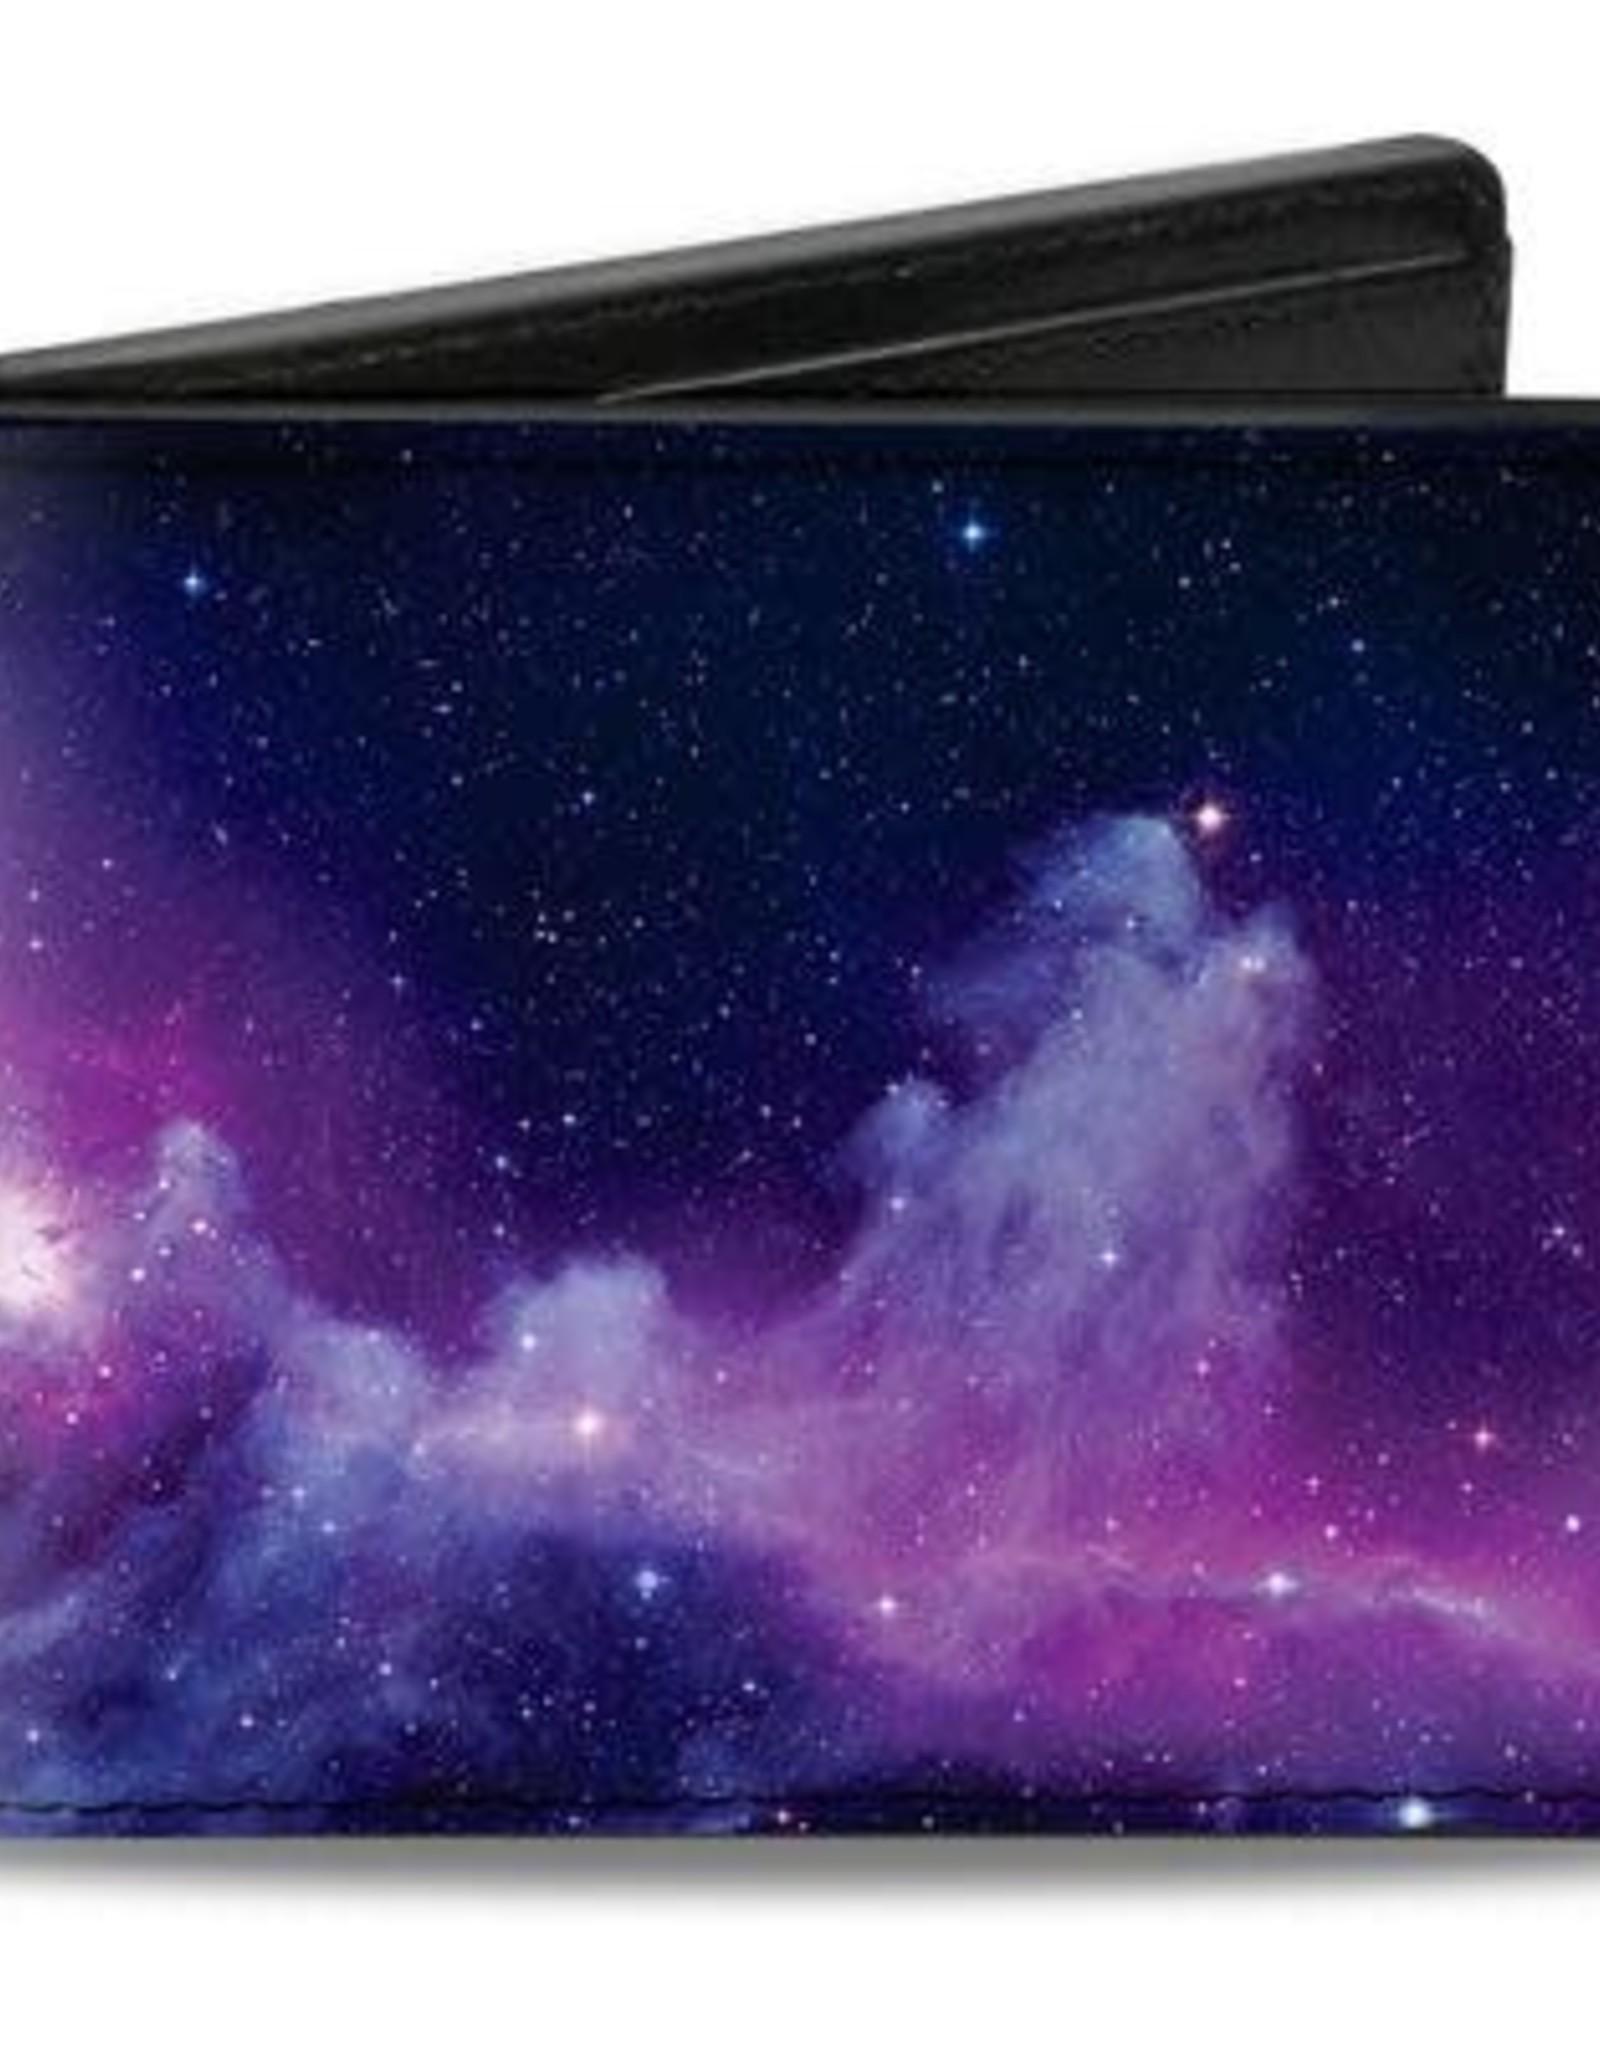 Buckle Down Belts Galaxy Bi-Fold Wallet in Purple and Pink